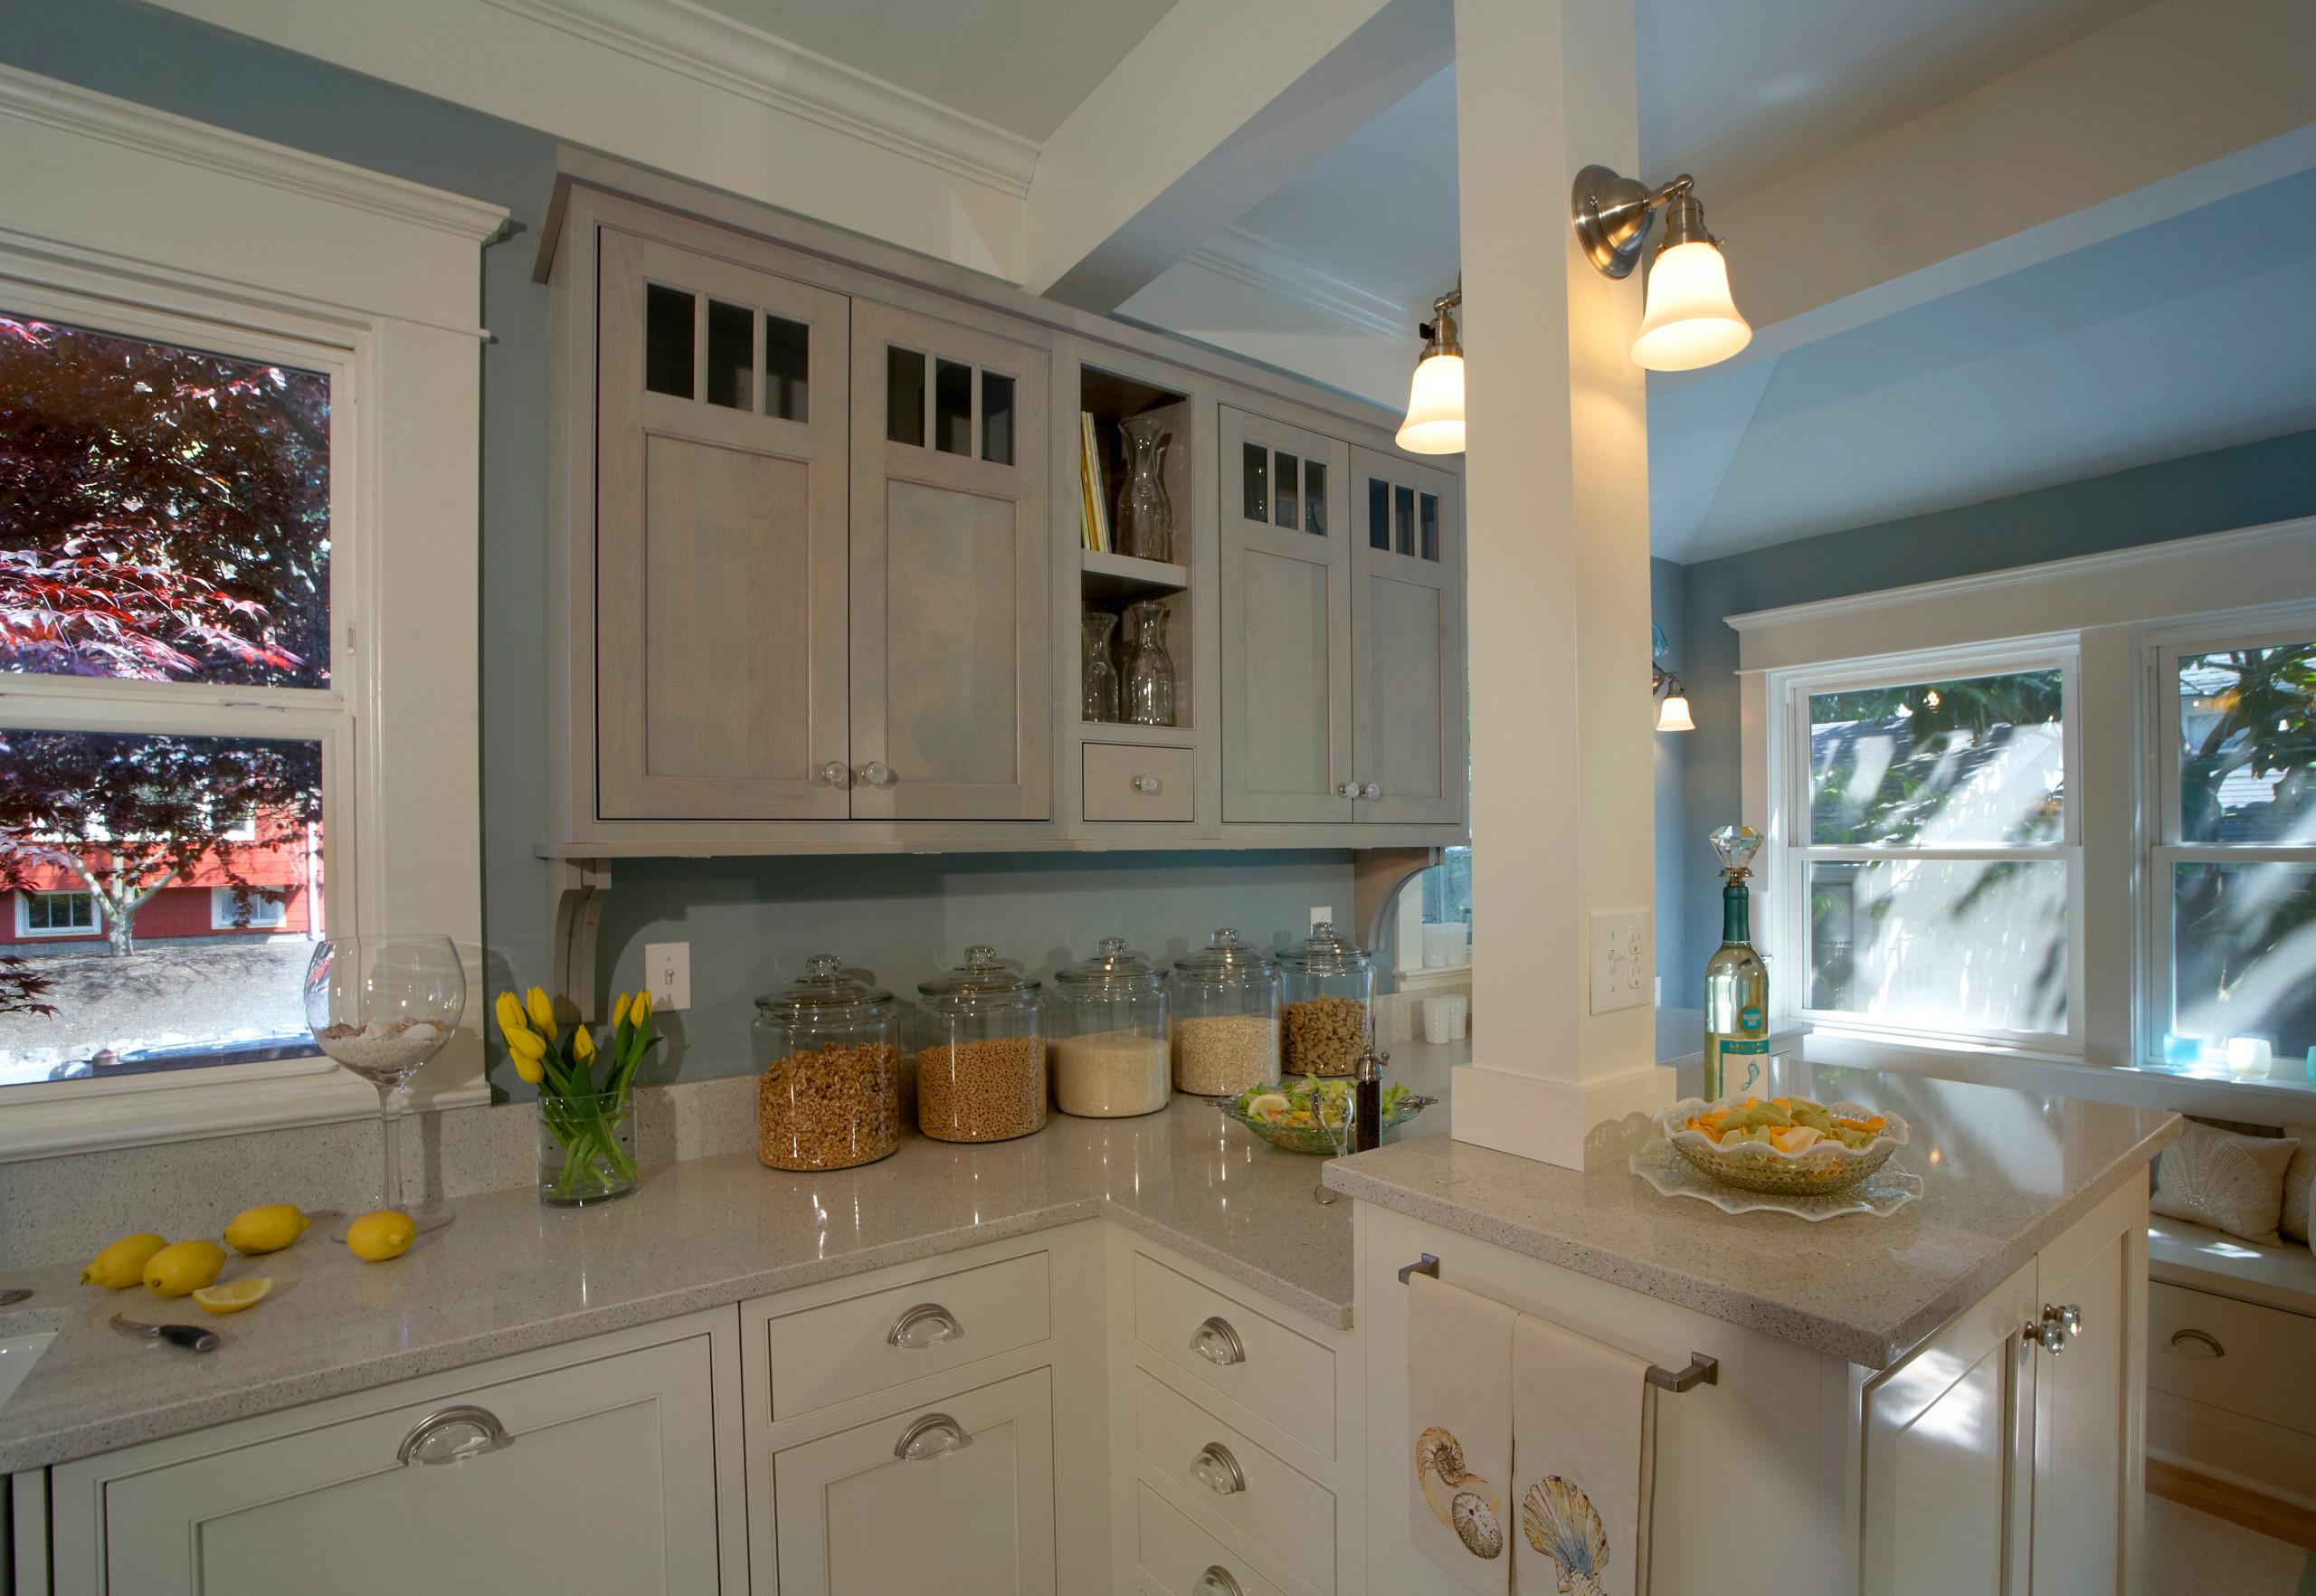 Ballard White Cottage Beach Kitchen - Home Birth Year 1911